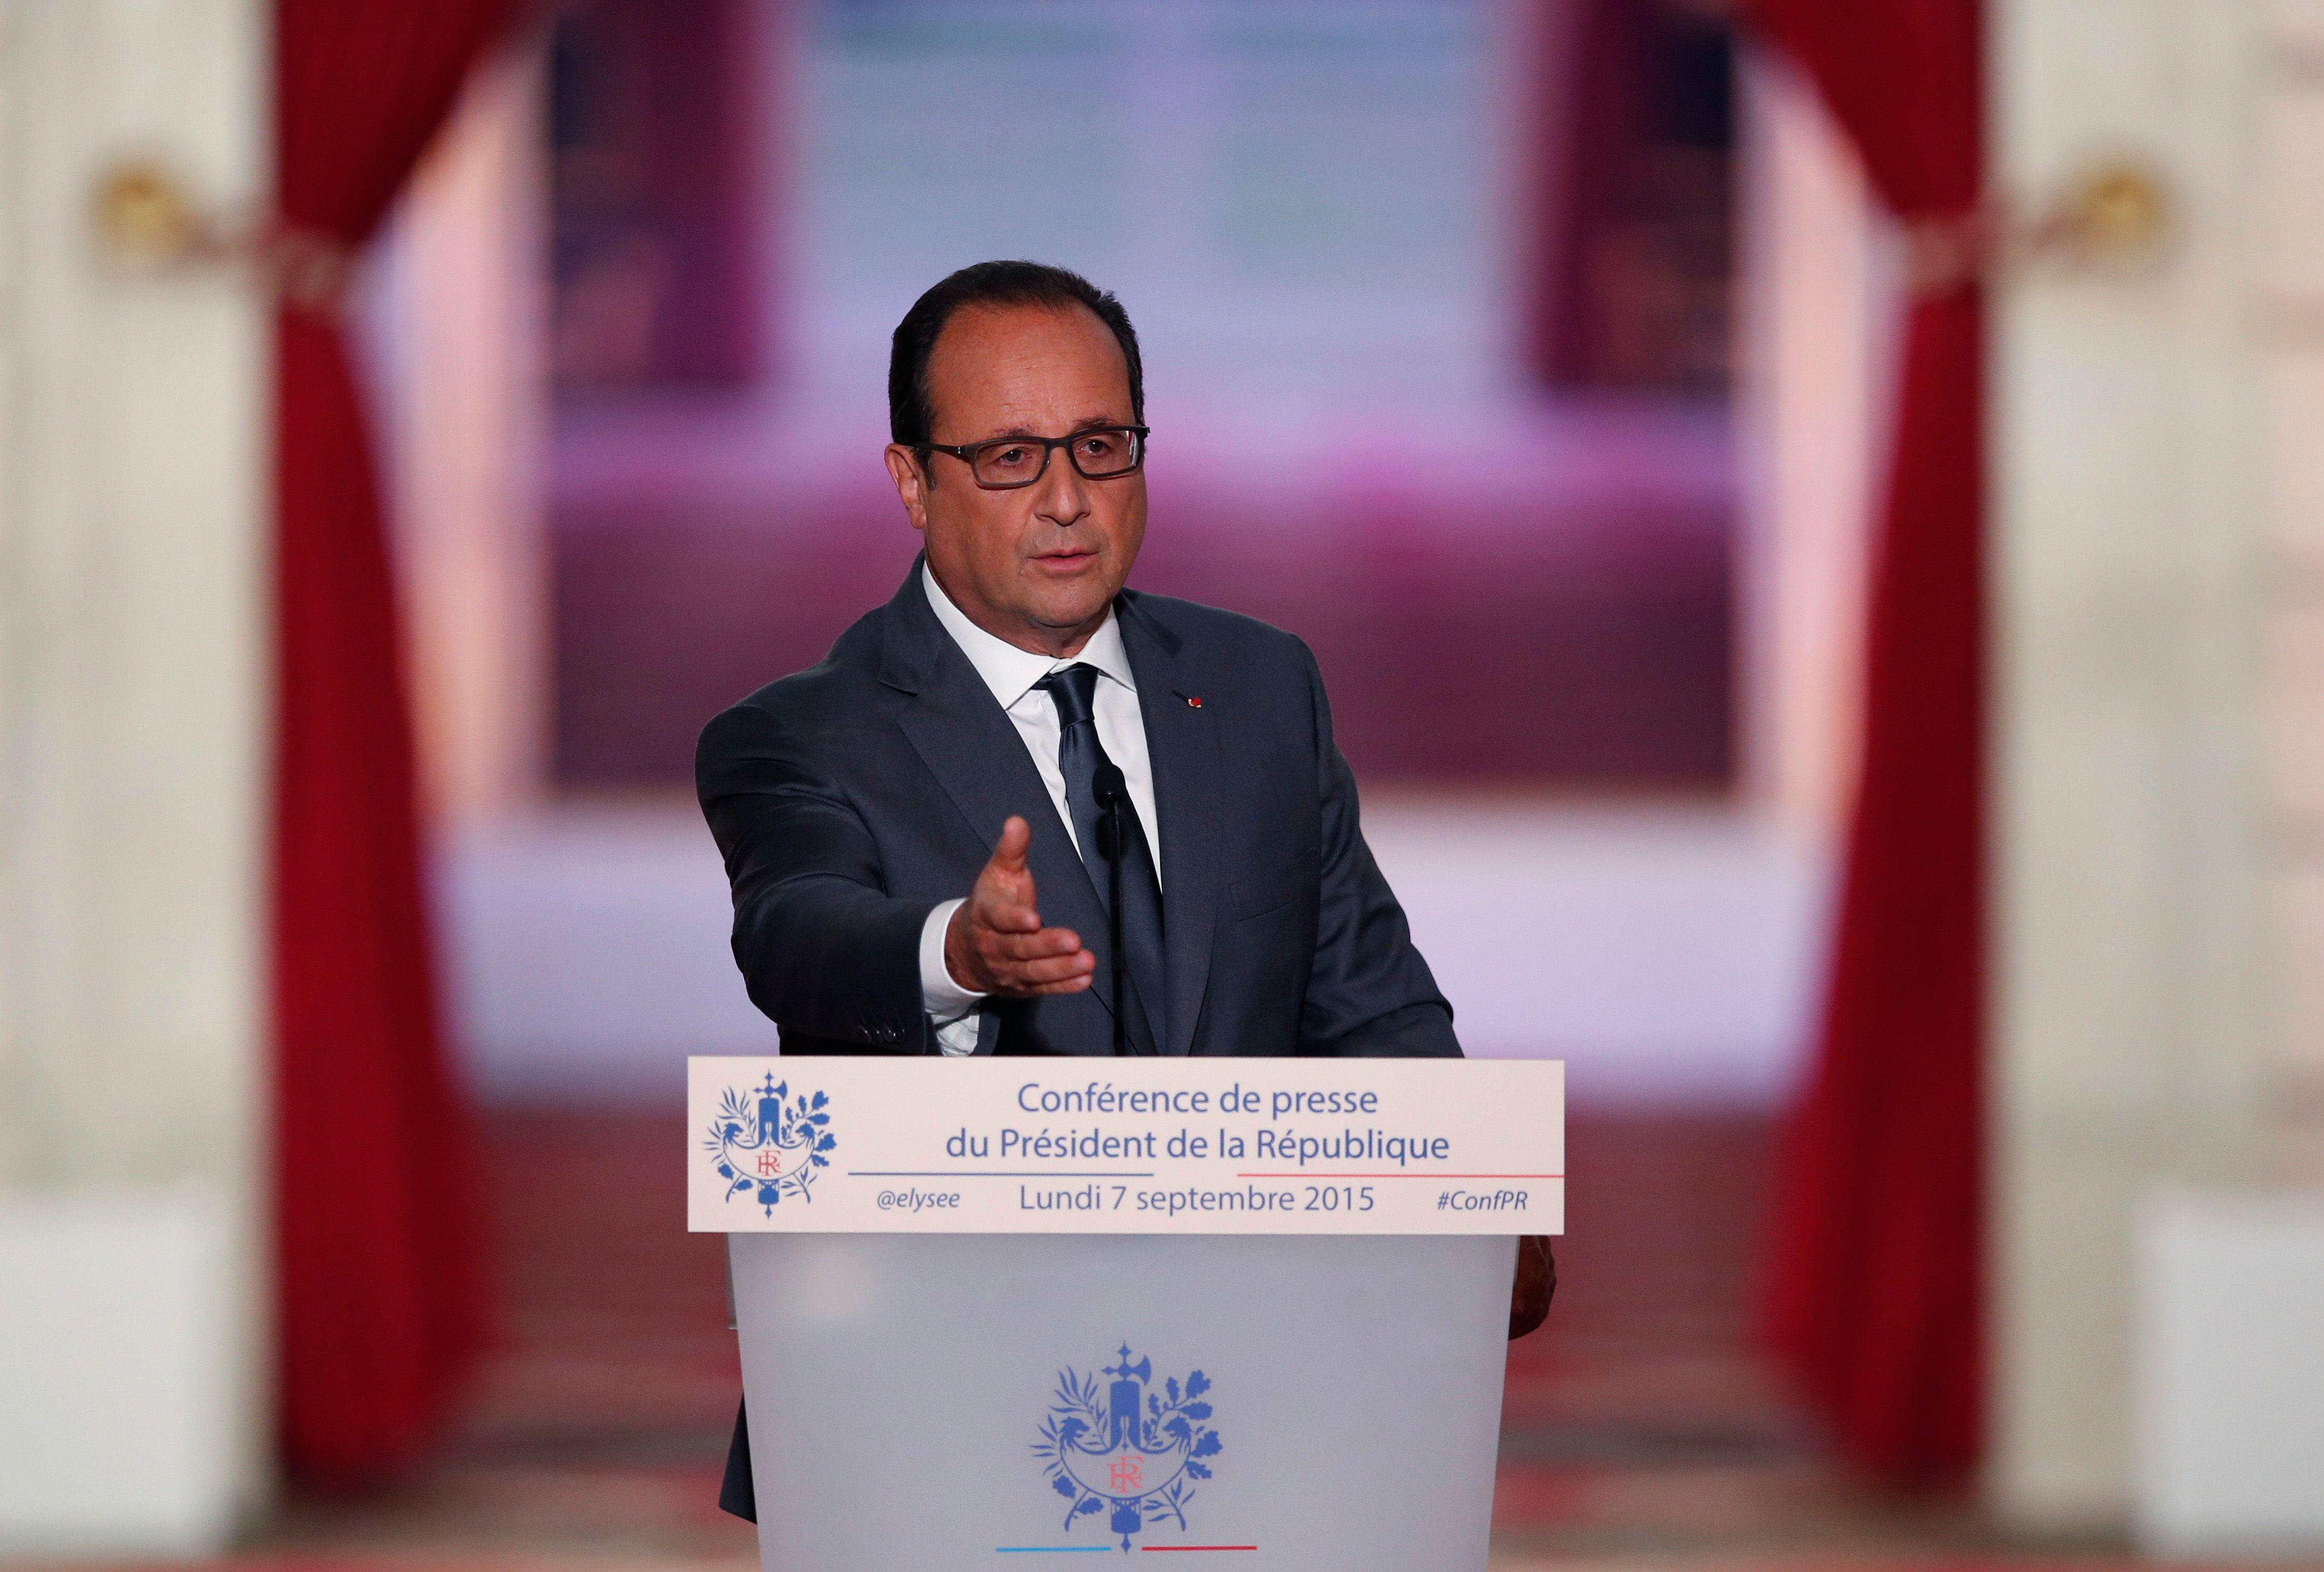 Conférence de presse de François Hollande : ce qu'il faut retenir des annonces sur la fiscalité, sur l'EI et sur les migrants